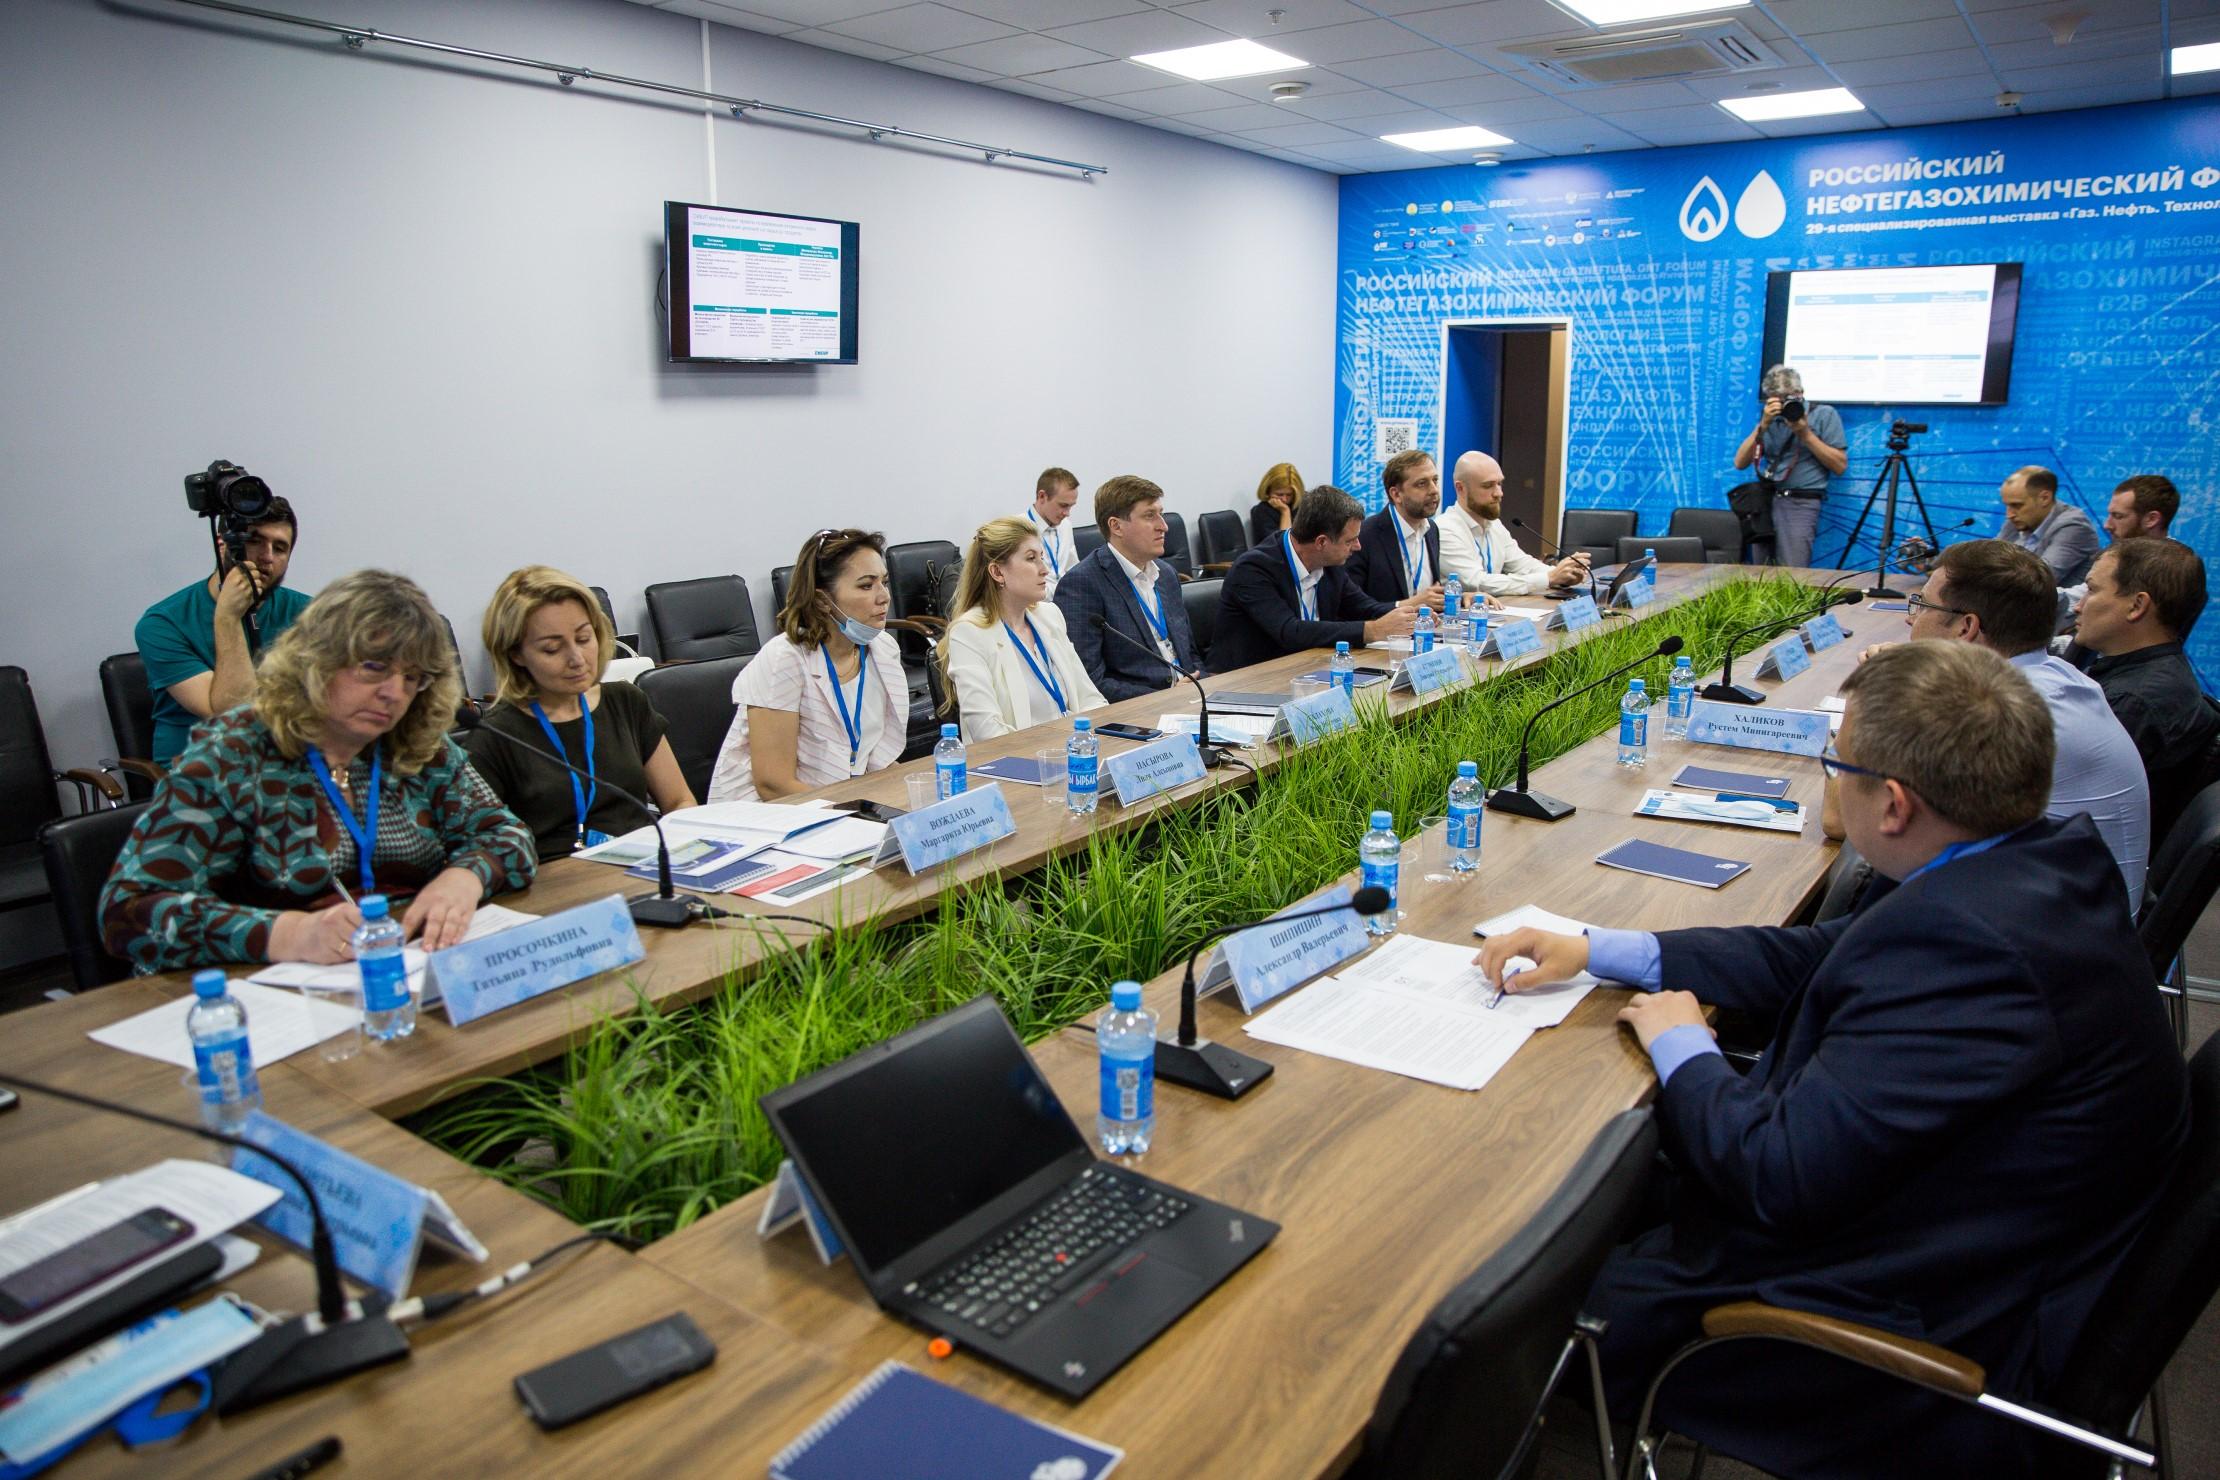 При поддержке Российского экологического общества в Уфе прошел круглый стол «Экотехнологии замкнутого цикла нефтегазохимической отрасли»